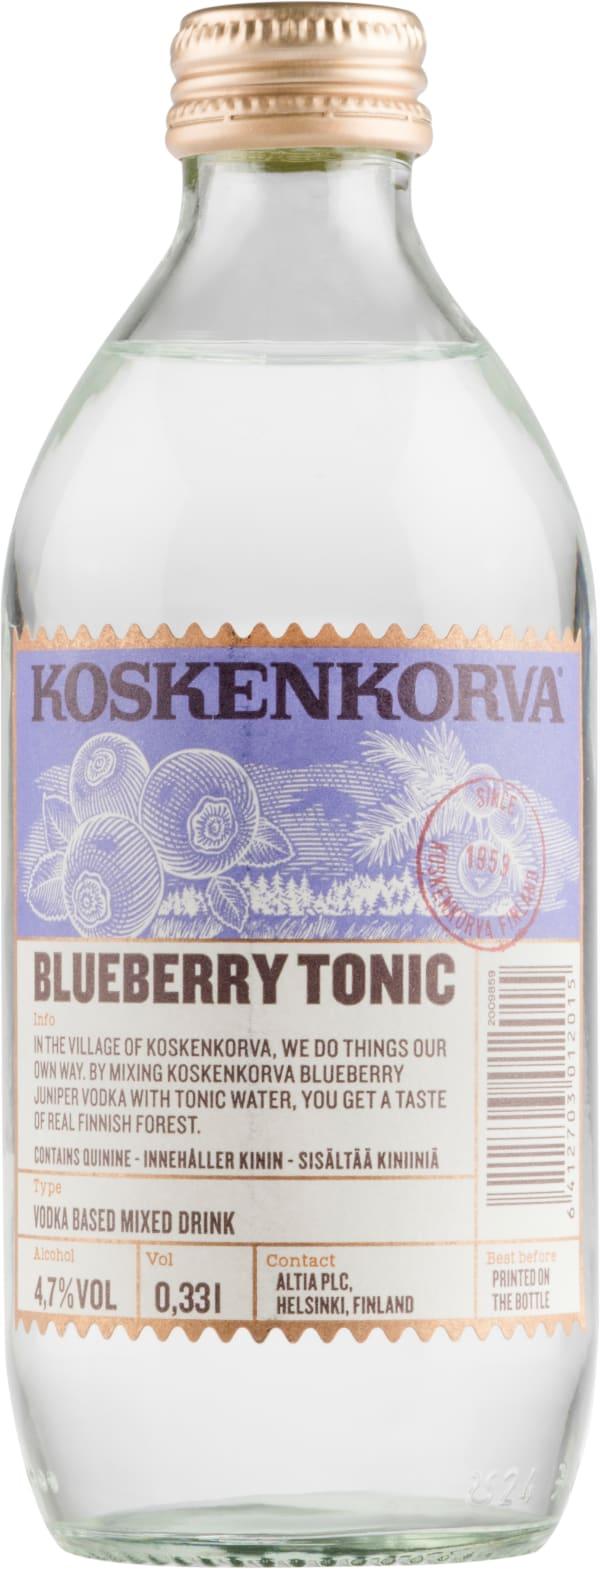 Koskenkorva Vodka Blueberry Tonic